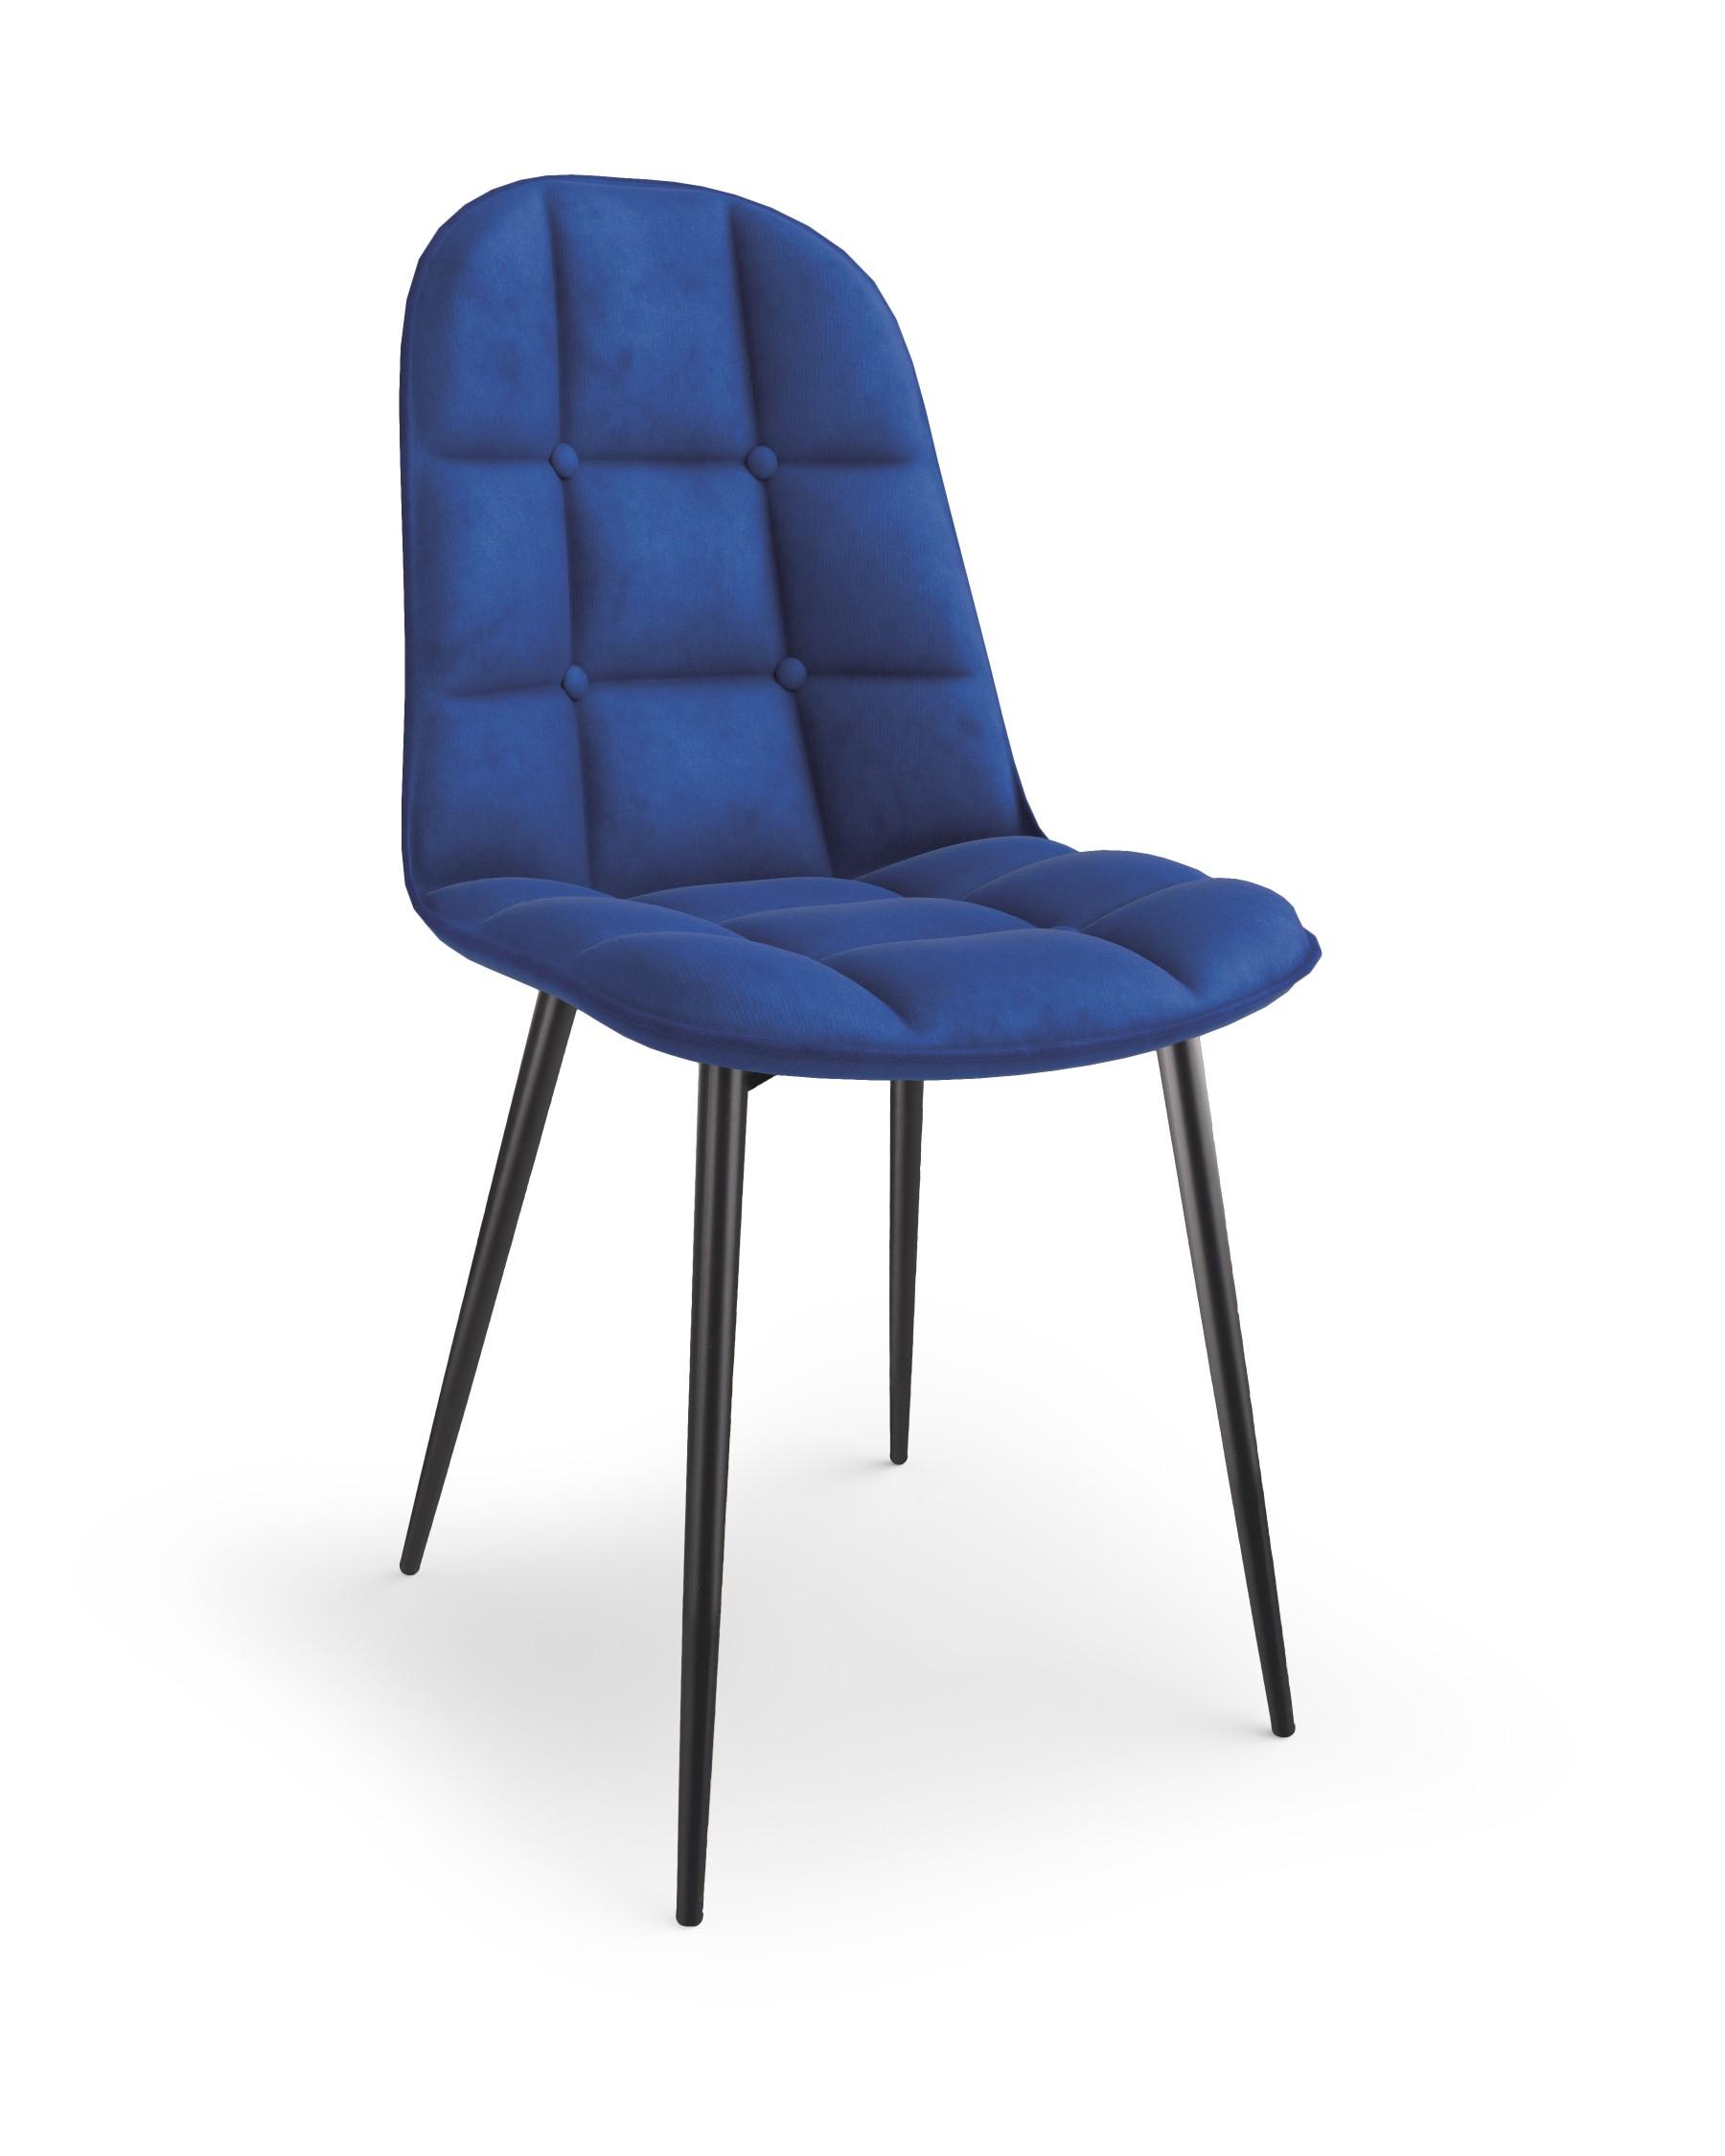 K417 krzesło granatowy velvet